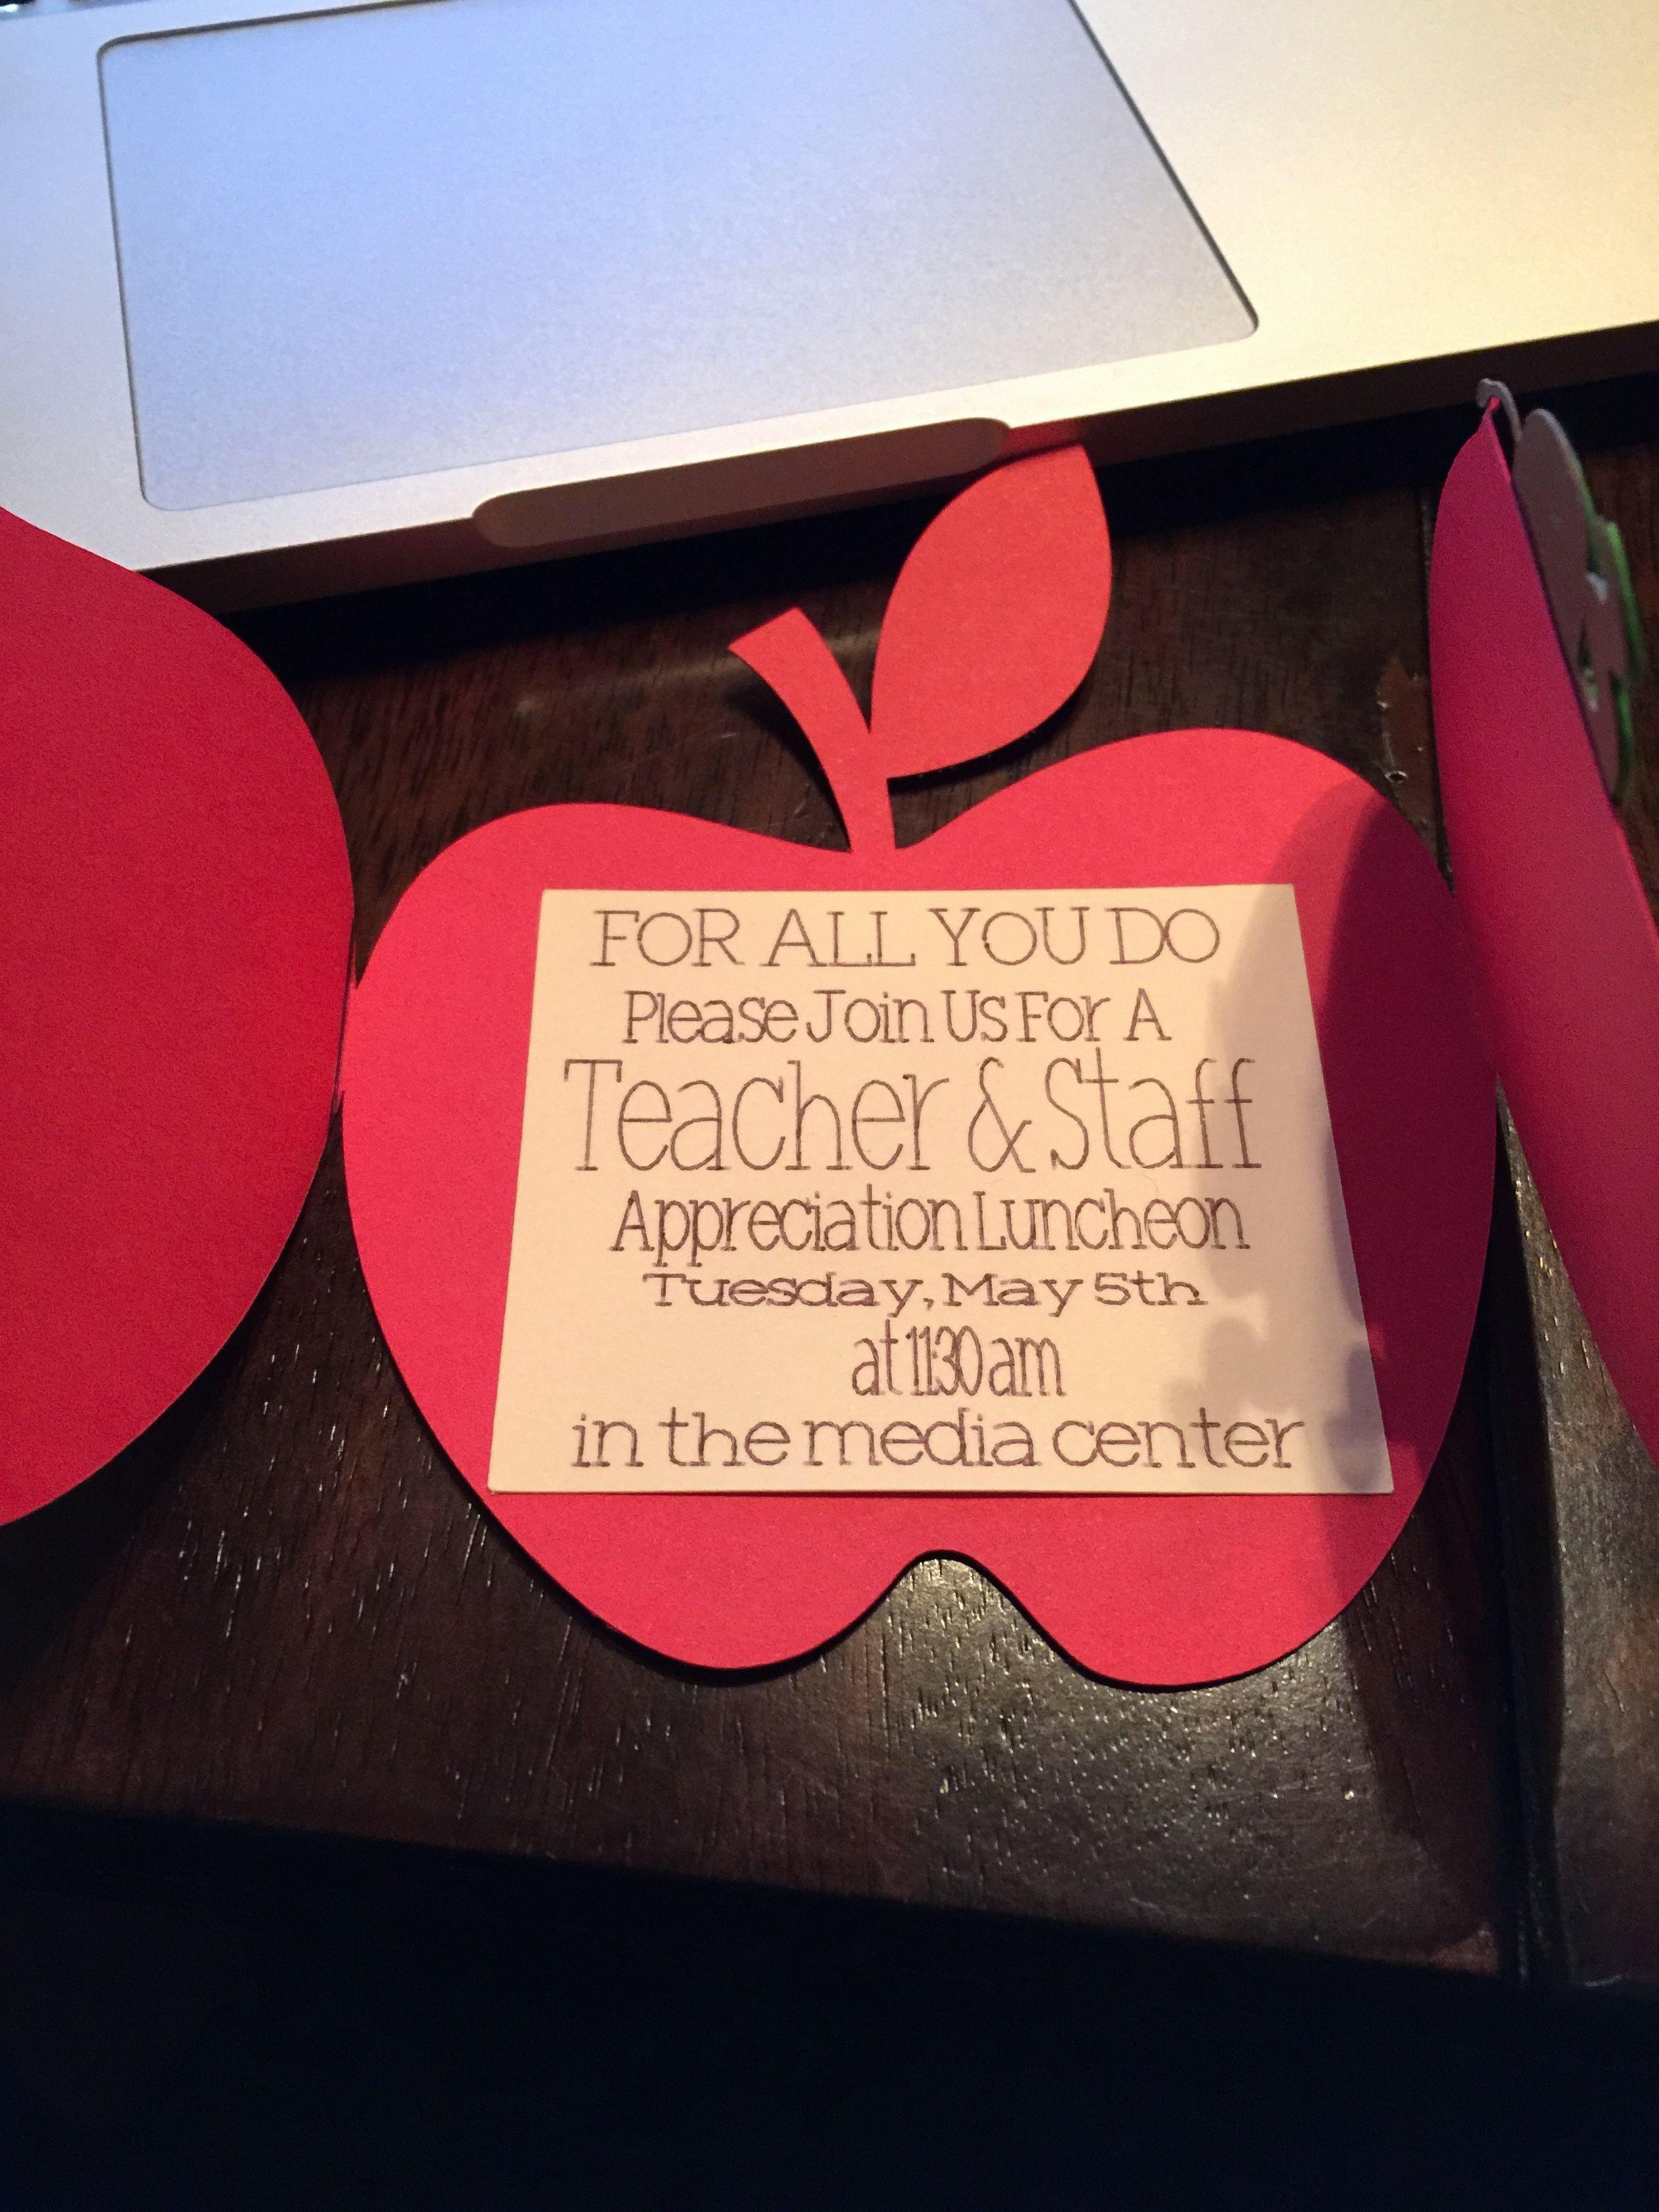 Teacher Appreciation Luncheon Invitation Fresh Teacher Appreciation Luncheon Invite 2015